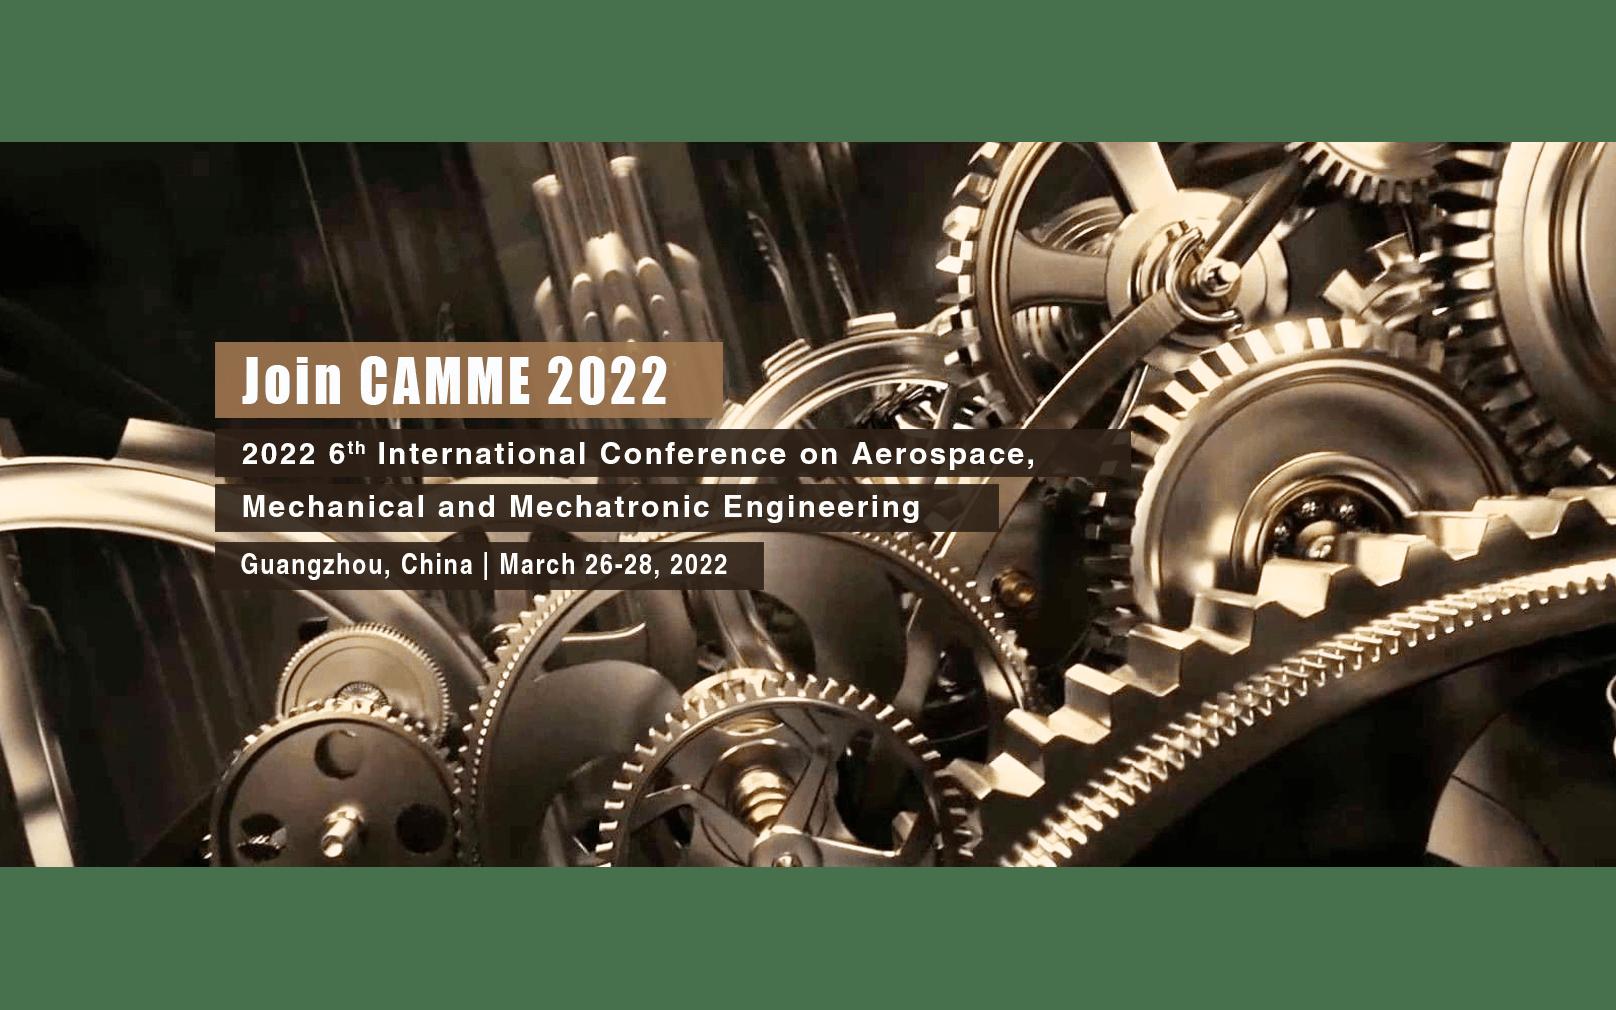 2022年第六届航空航天、机械与机电工程国际会议(CAMME 2022) EI检索